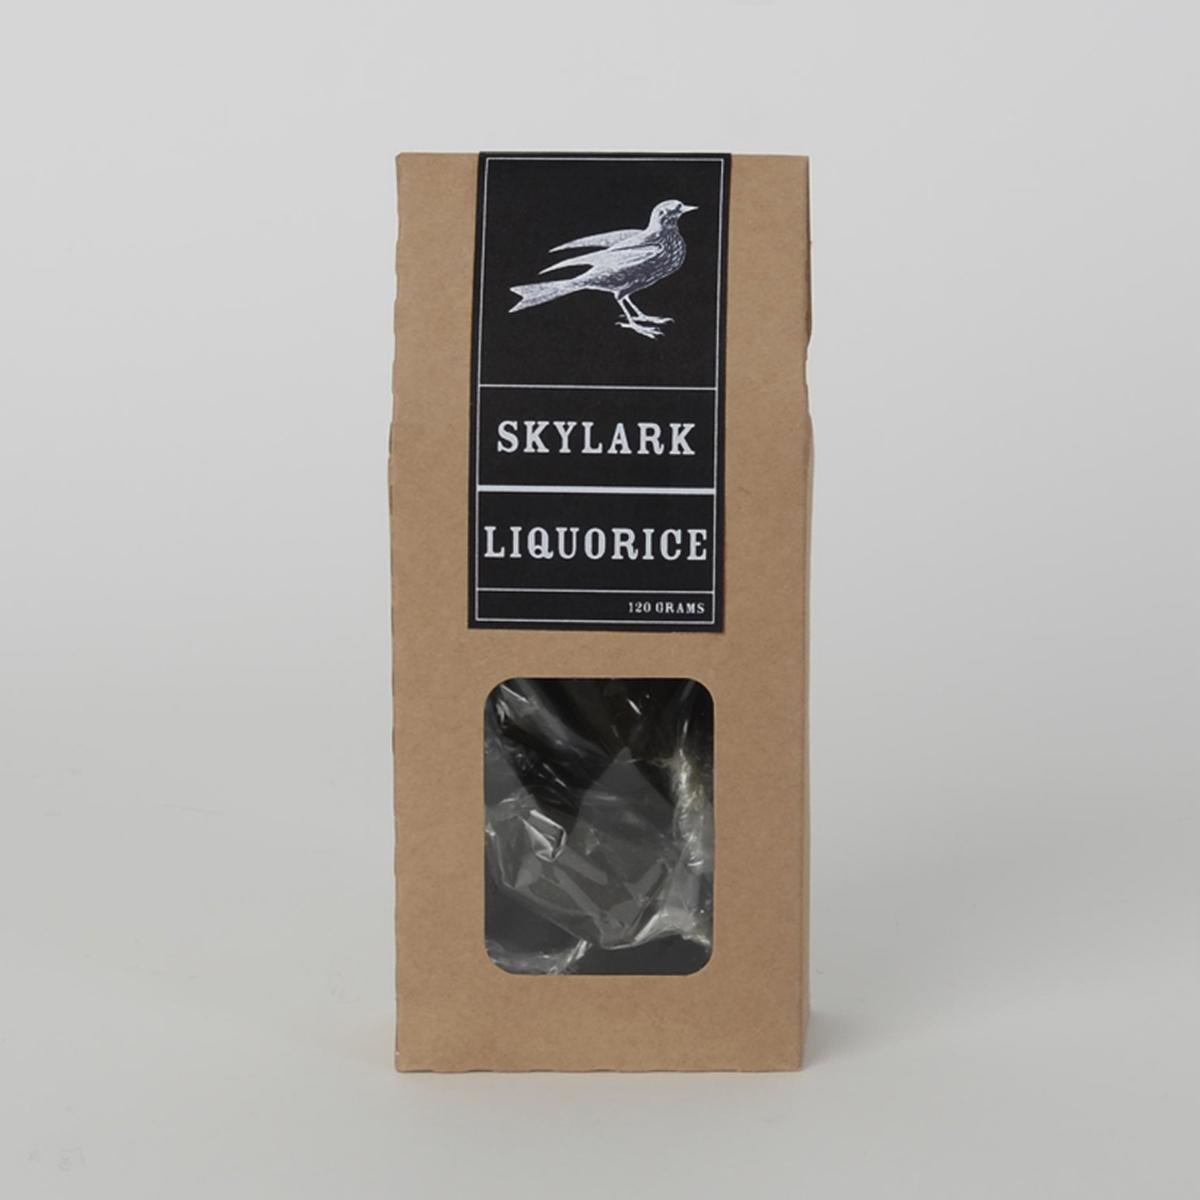 liquorice-box-tight-cropped.jpg